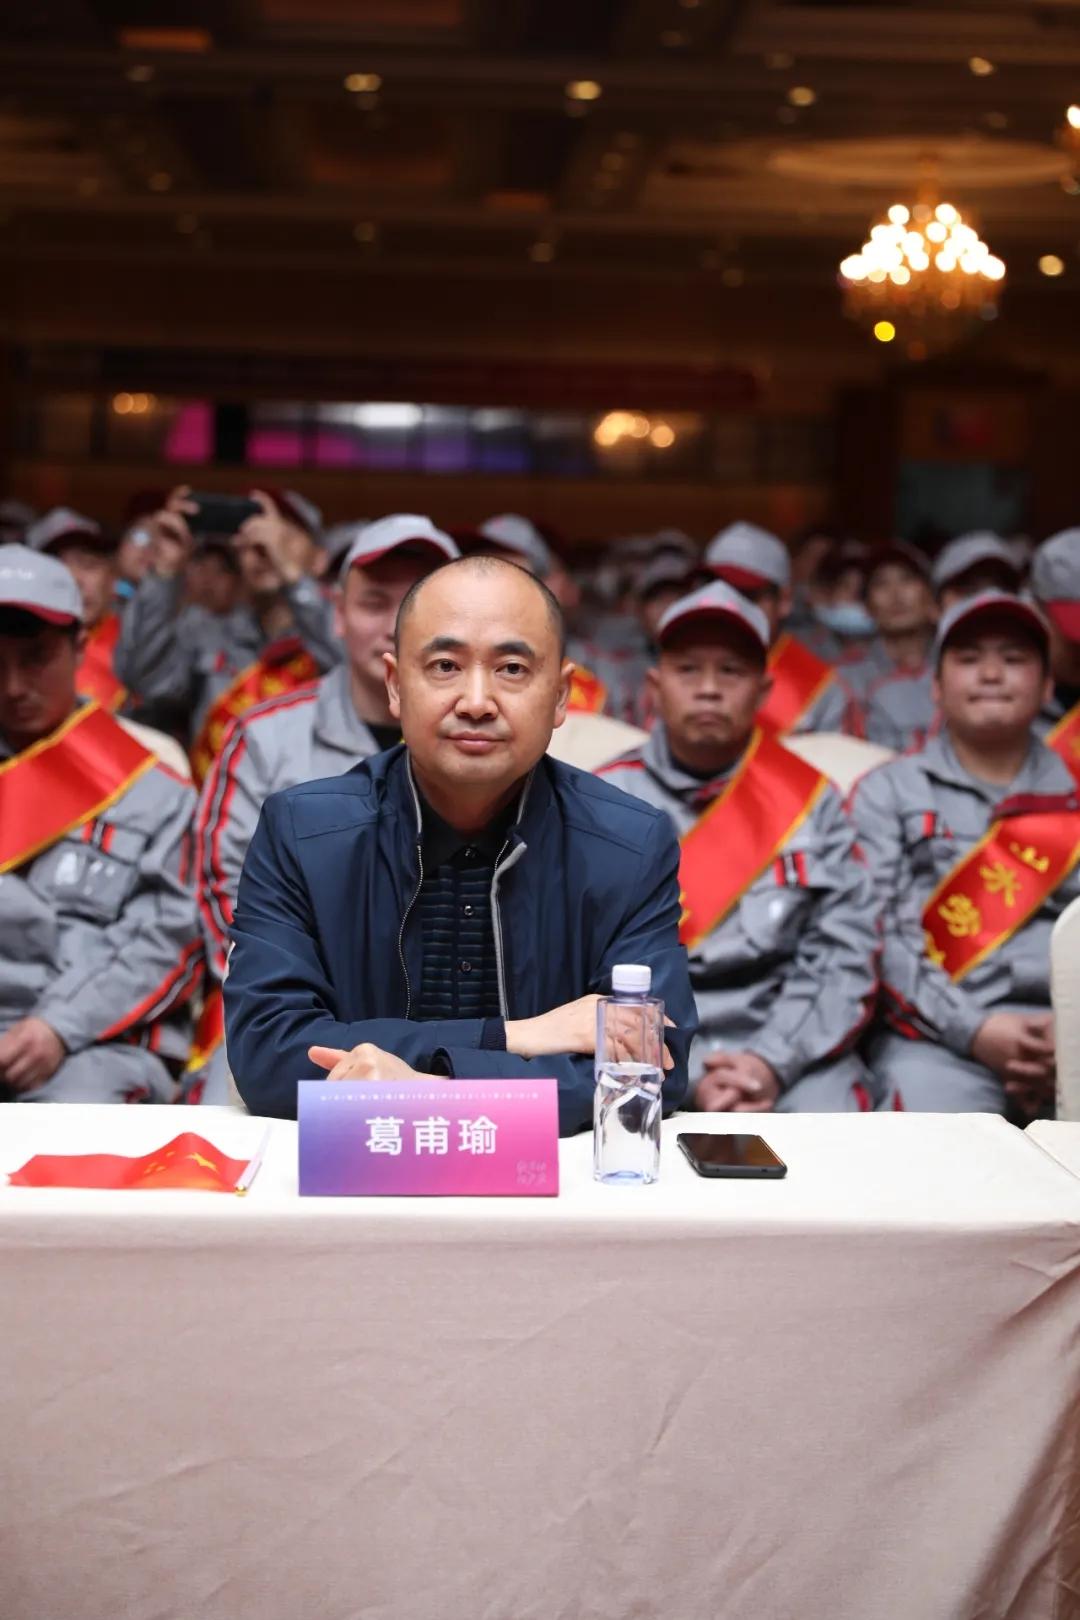 合肥市总工会副主席葛甫瑜